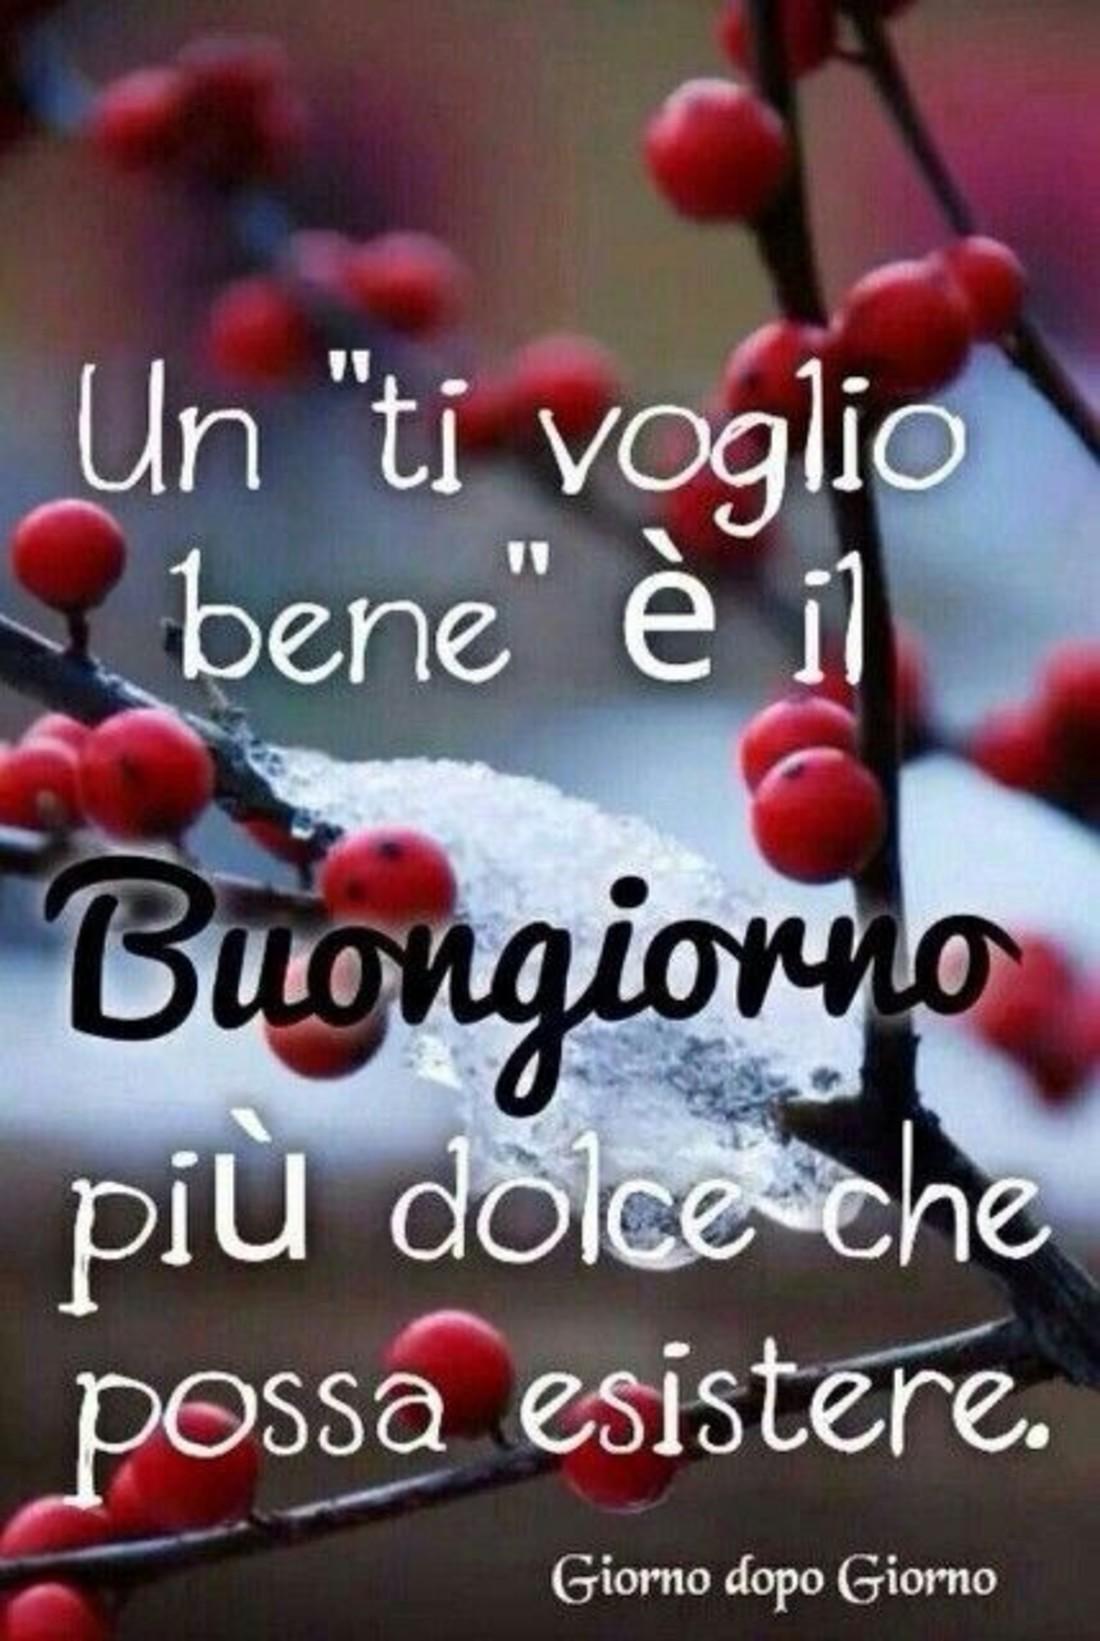 Buongiorno affettuoso archives for Immagini buongiorno bellissime